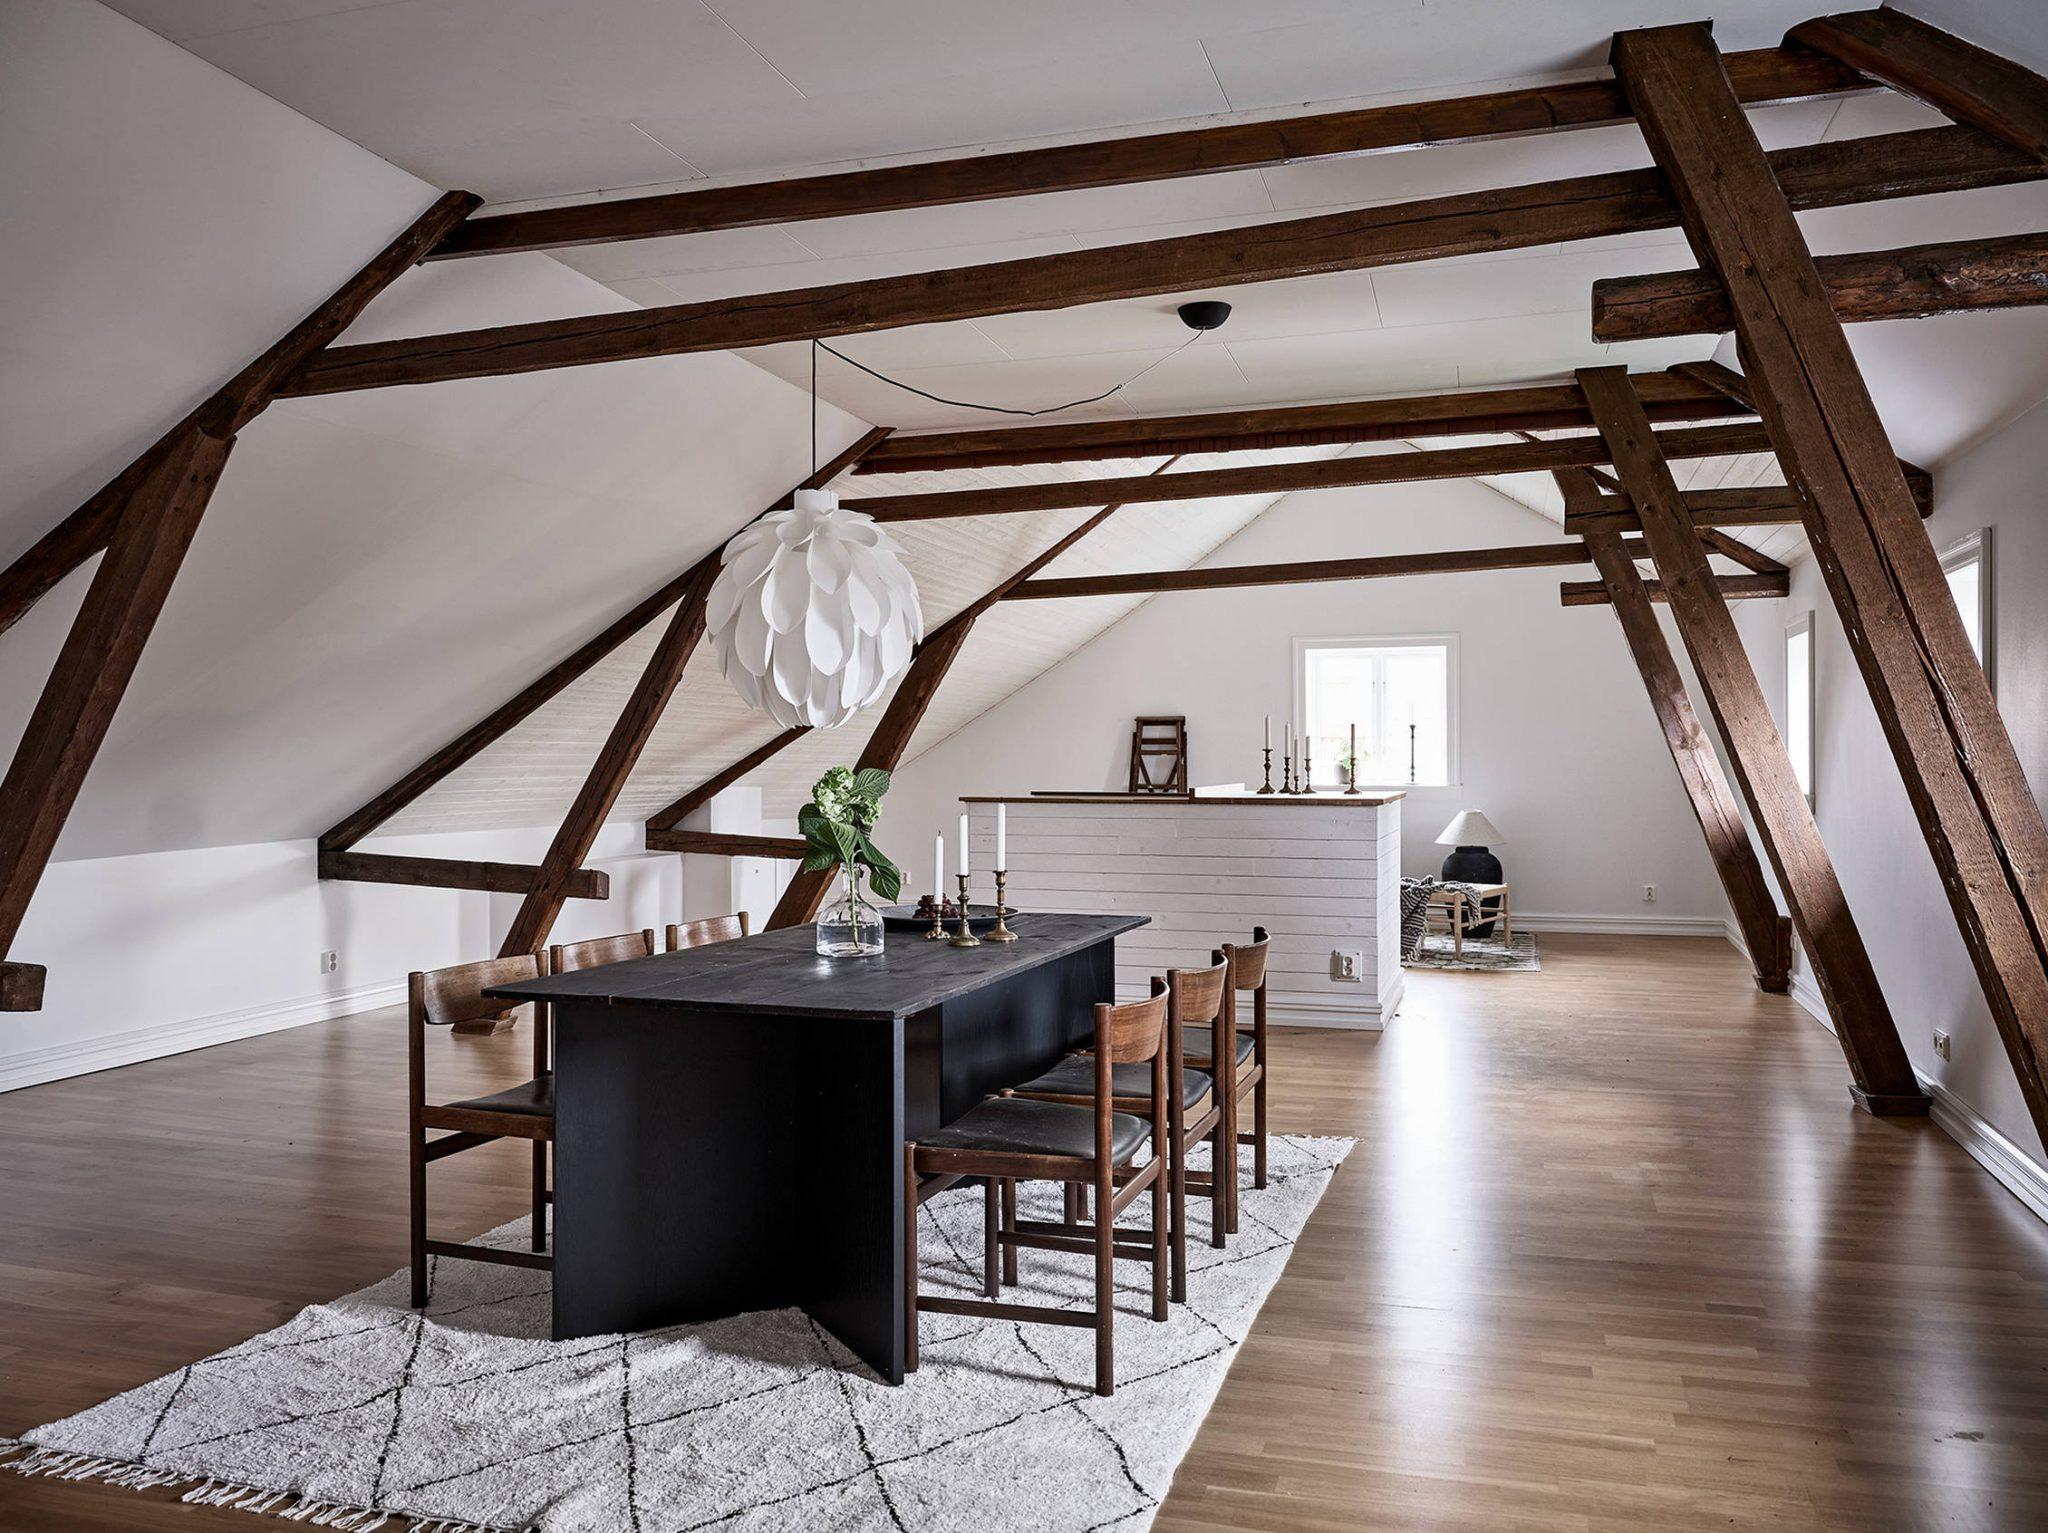 Tavan înclinat și decor rusti scandinav într o casă din Suedia 21